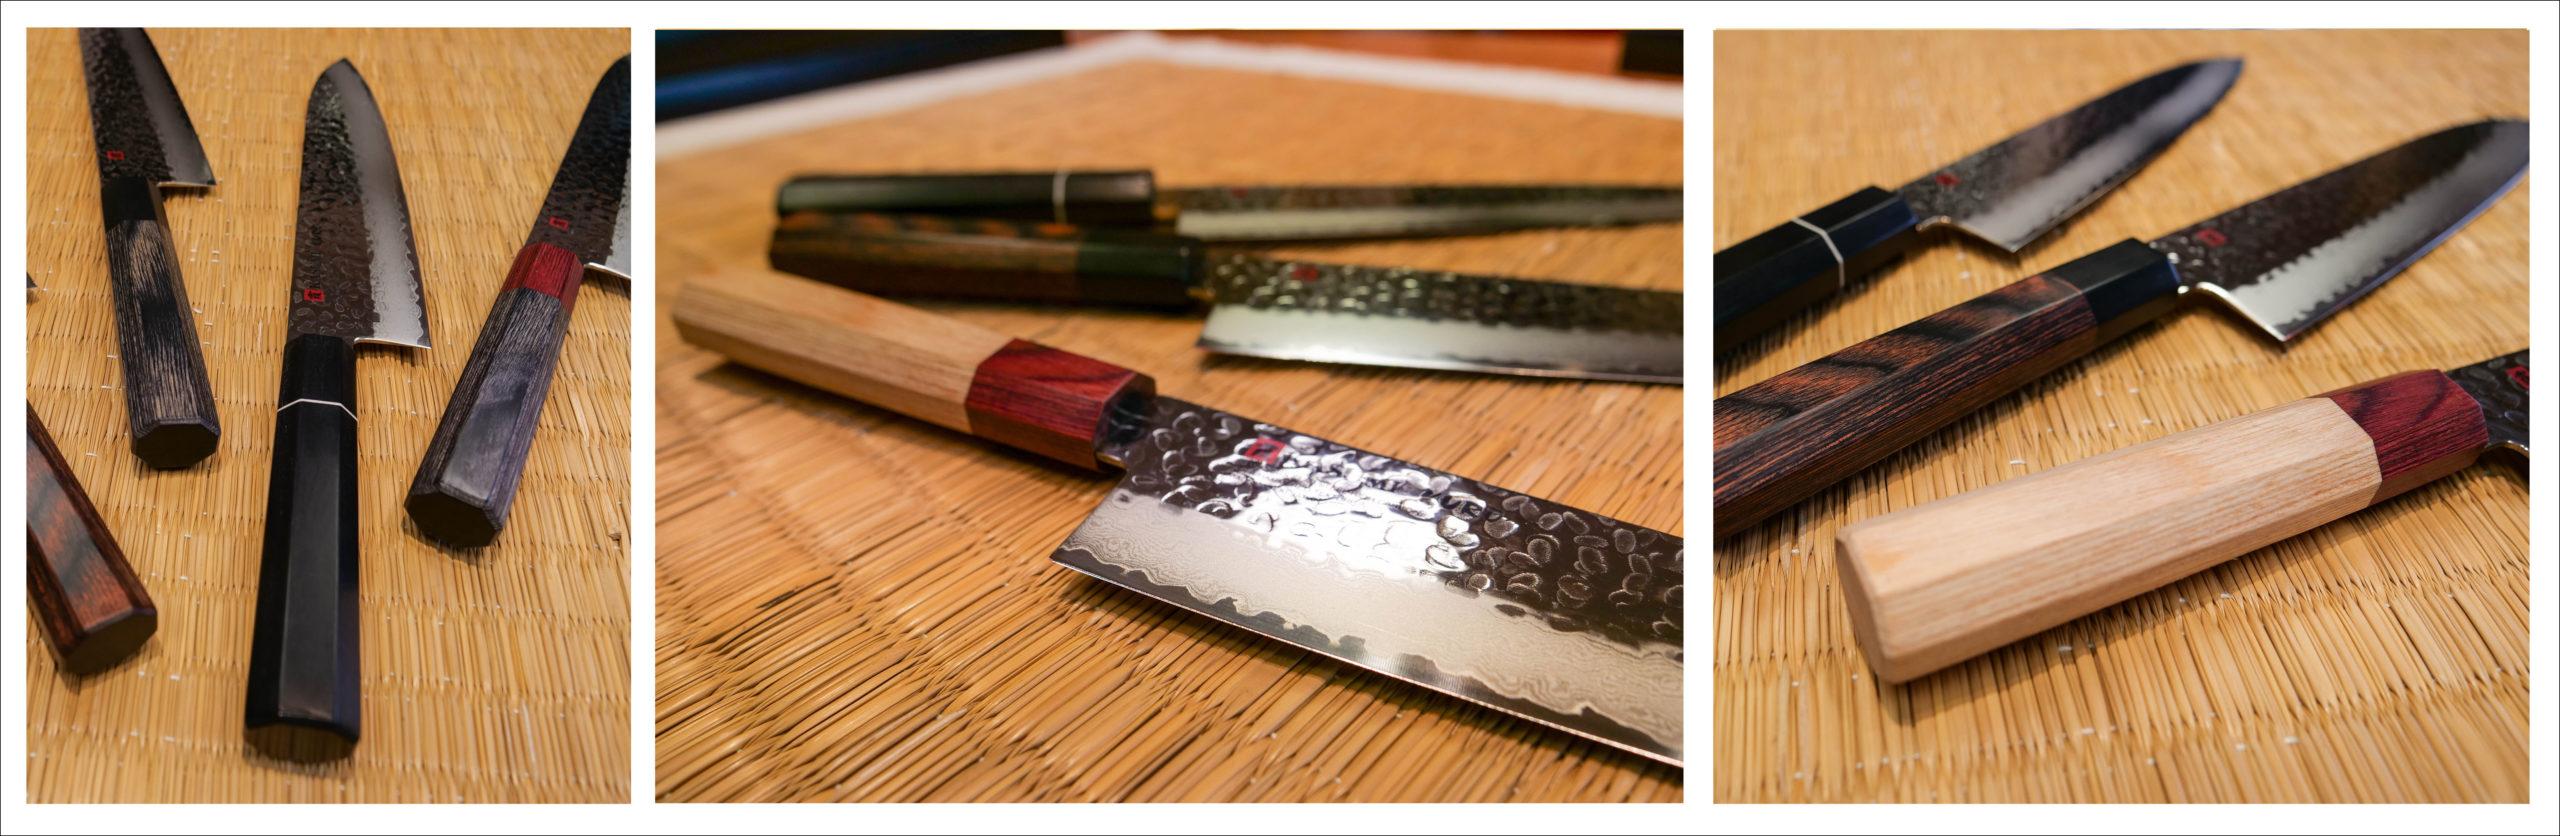 Kuro manches de couleurs